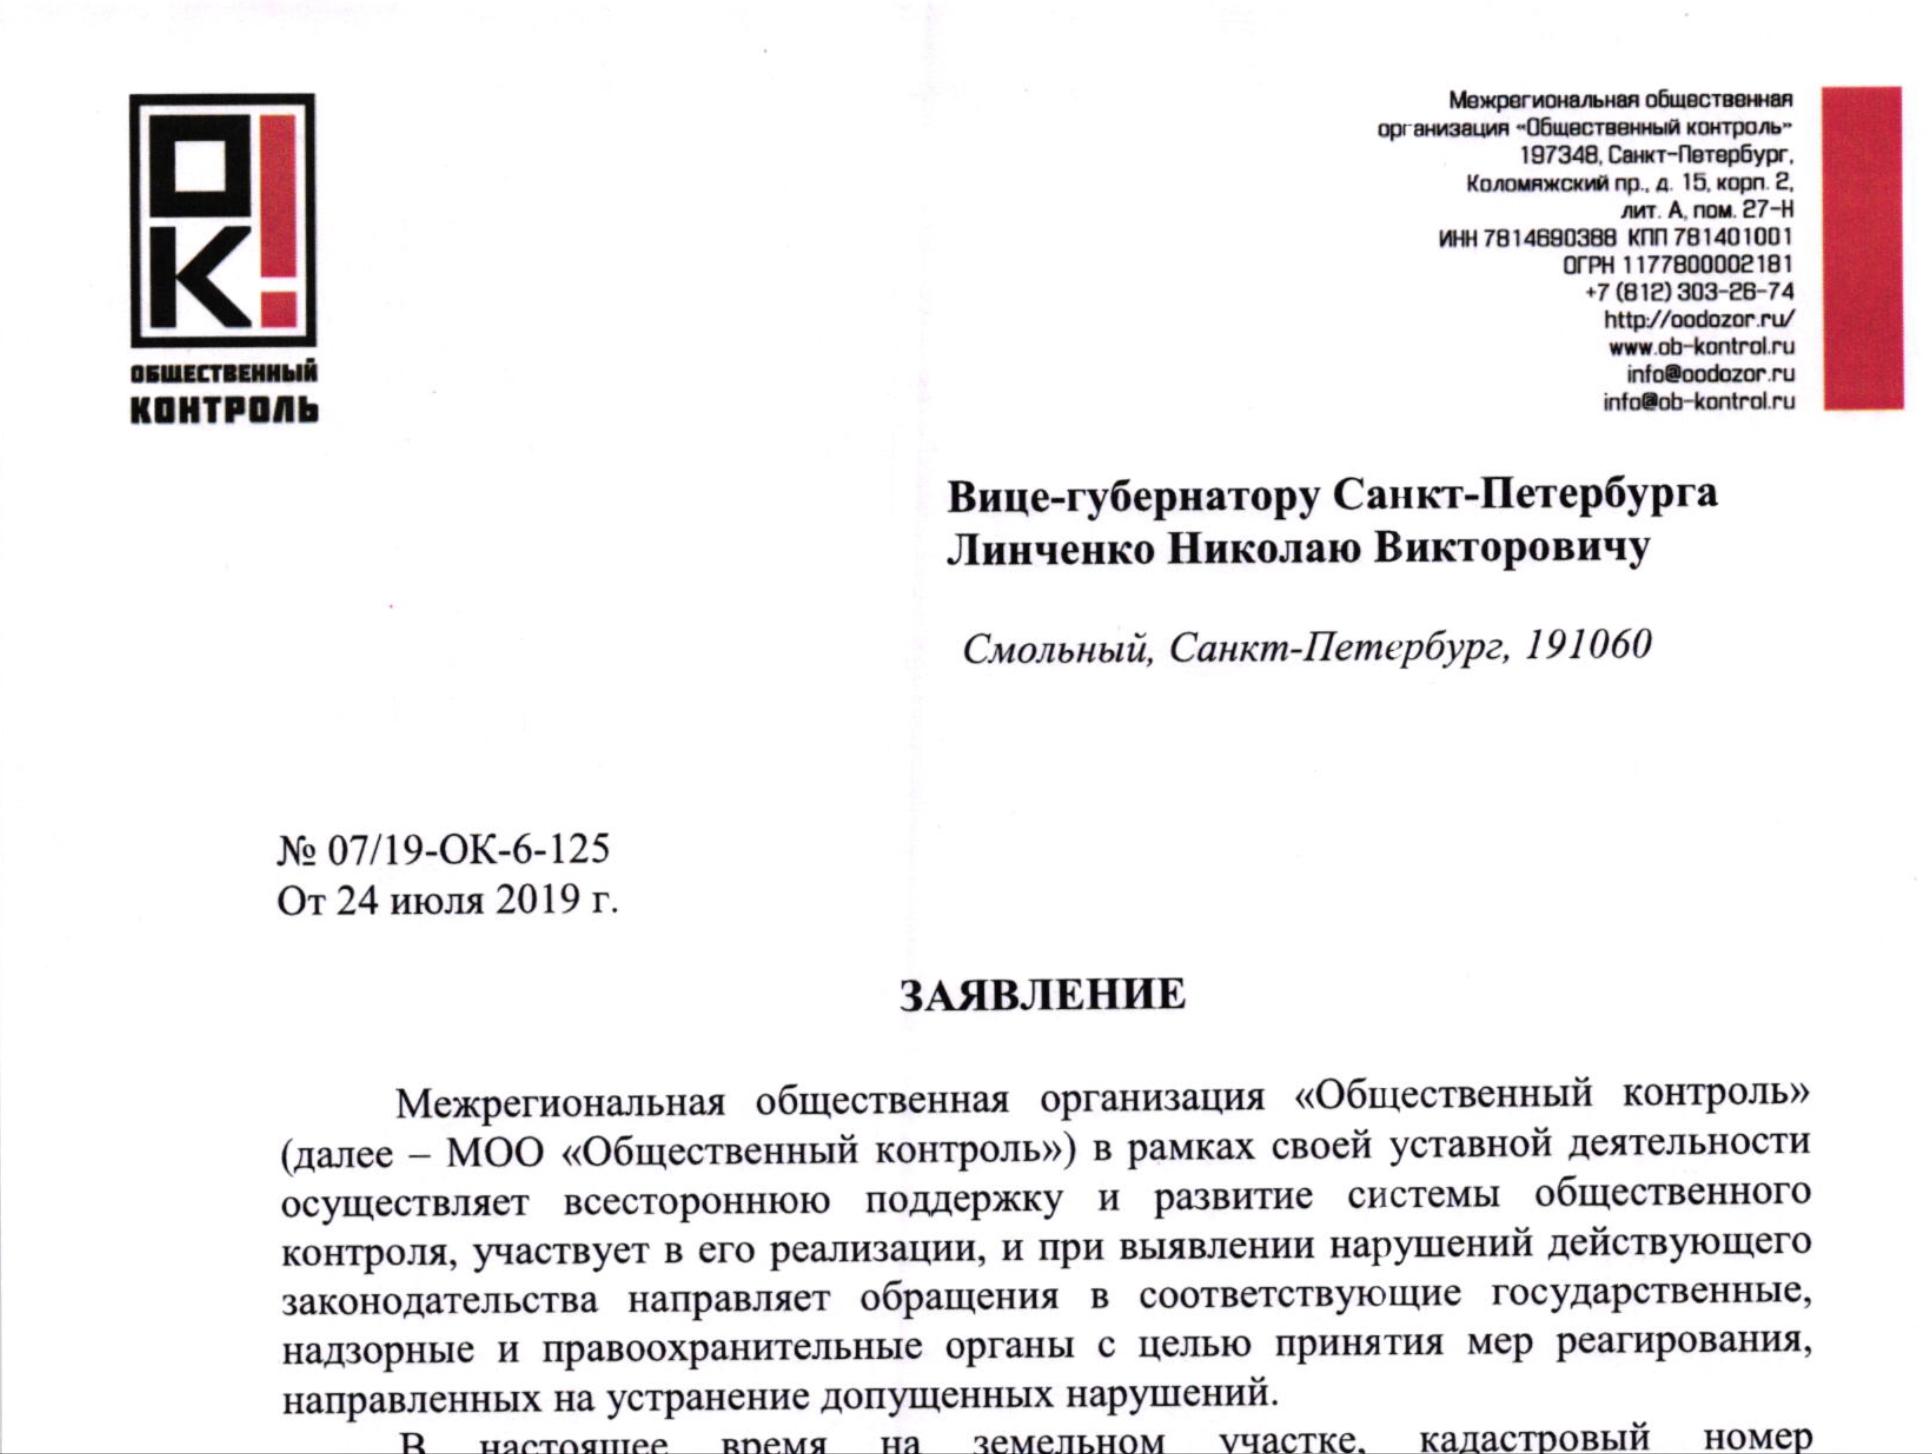 Заявление   Вице-губернатору Санкт-Петербурга Линченко Николаю Викторовичу